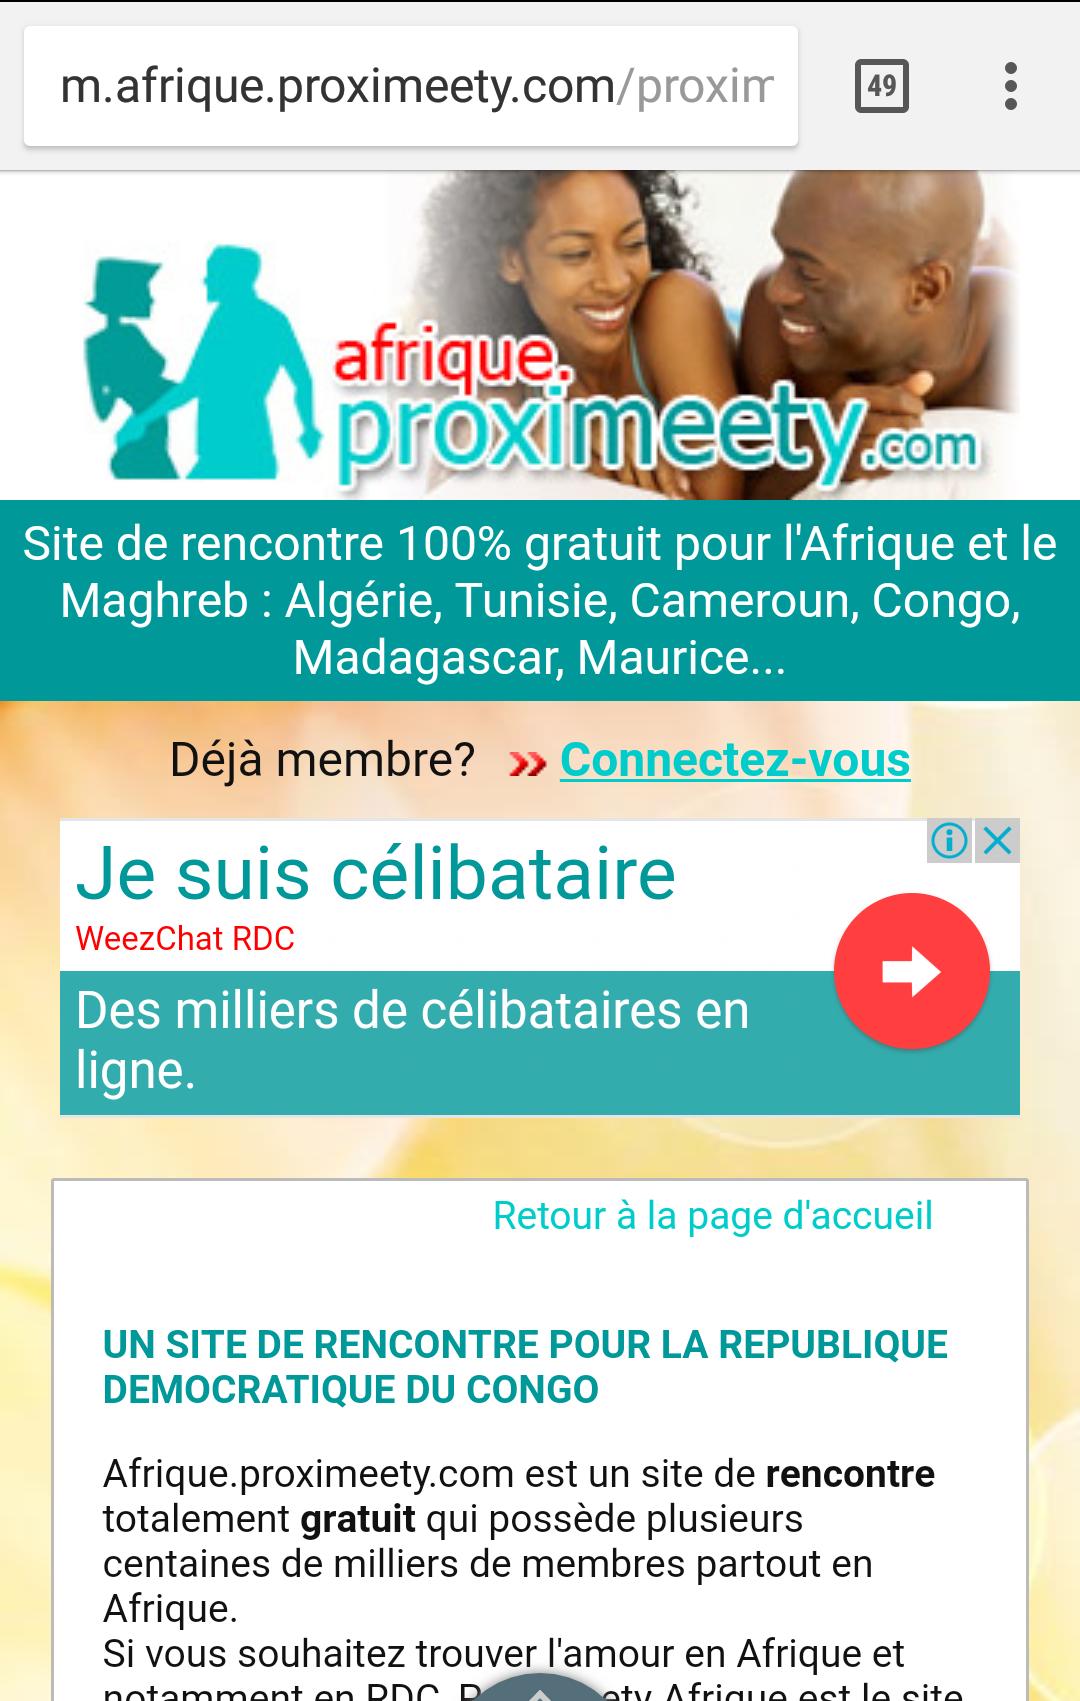 site de rencontre gratuit proximeety.com)